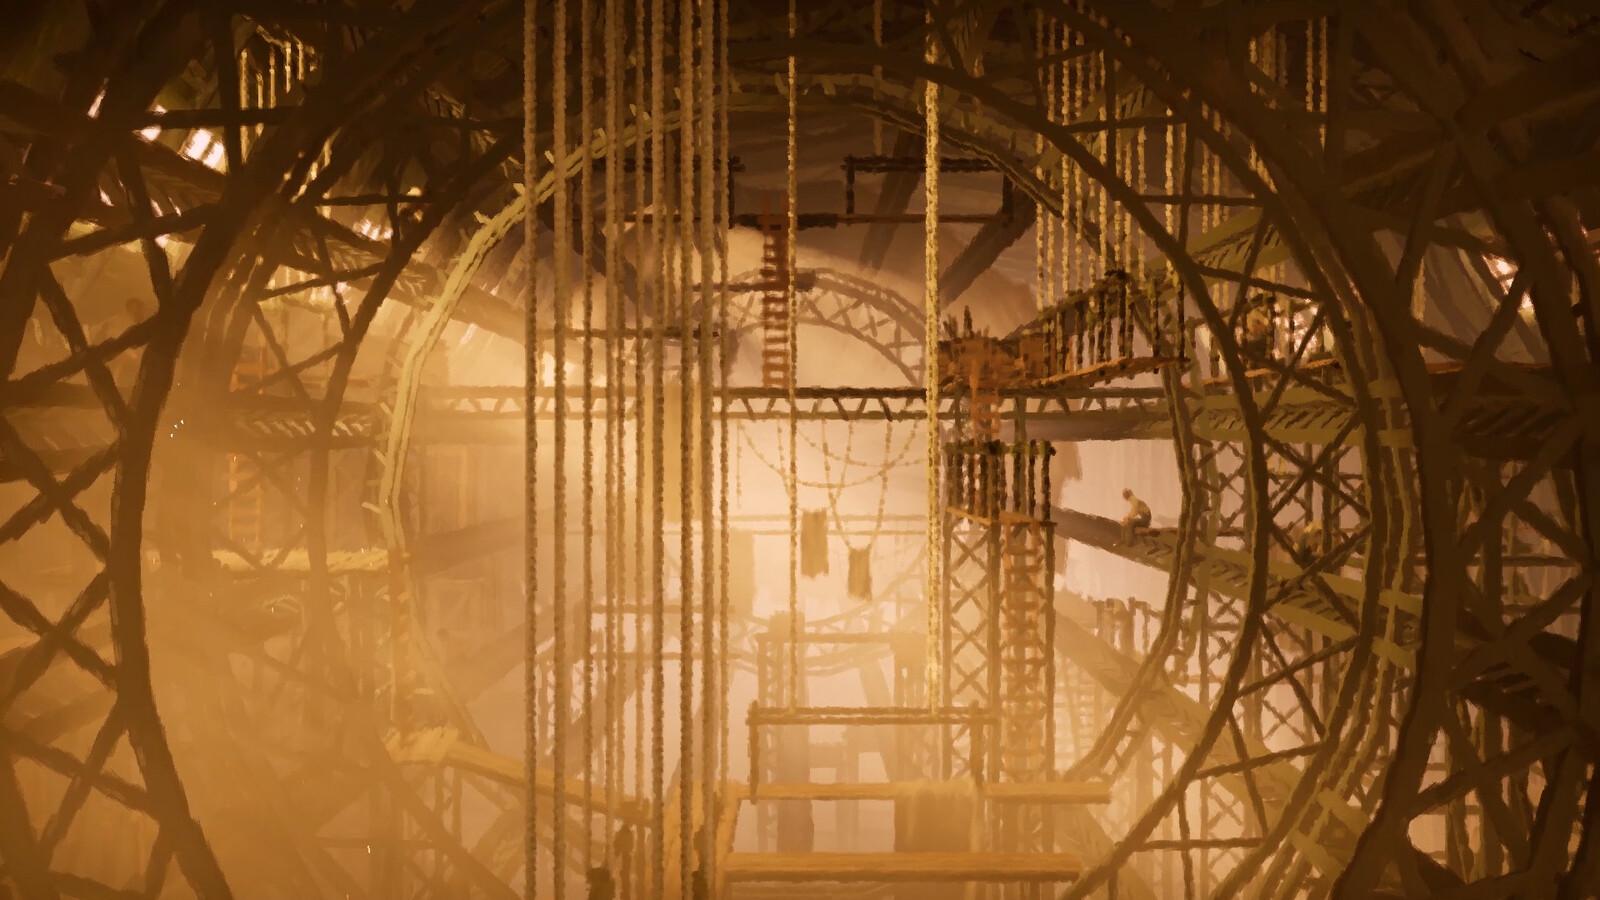 11-11: Memories Retold, Zeppelin Hangar